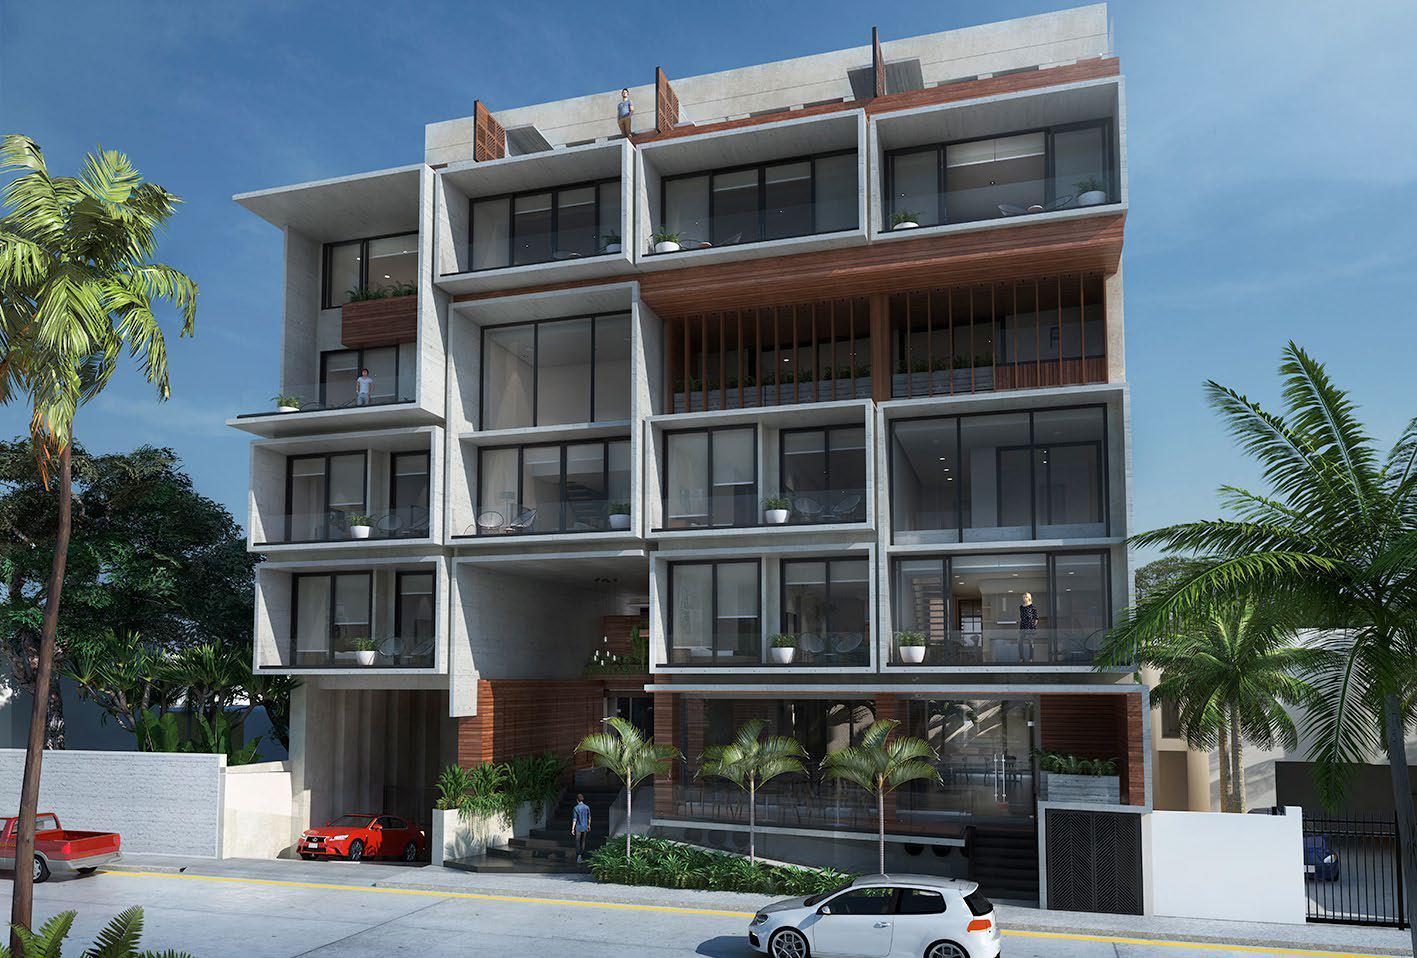 Condo for sale in Playa del Carmen. DE1508